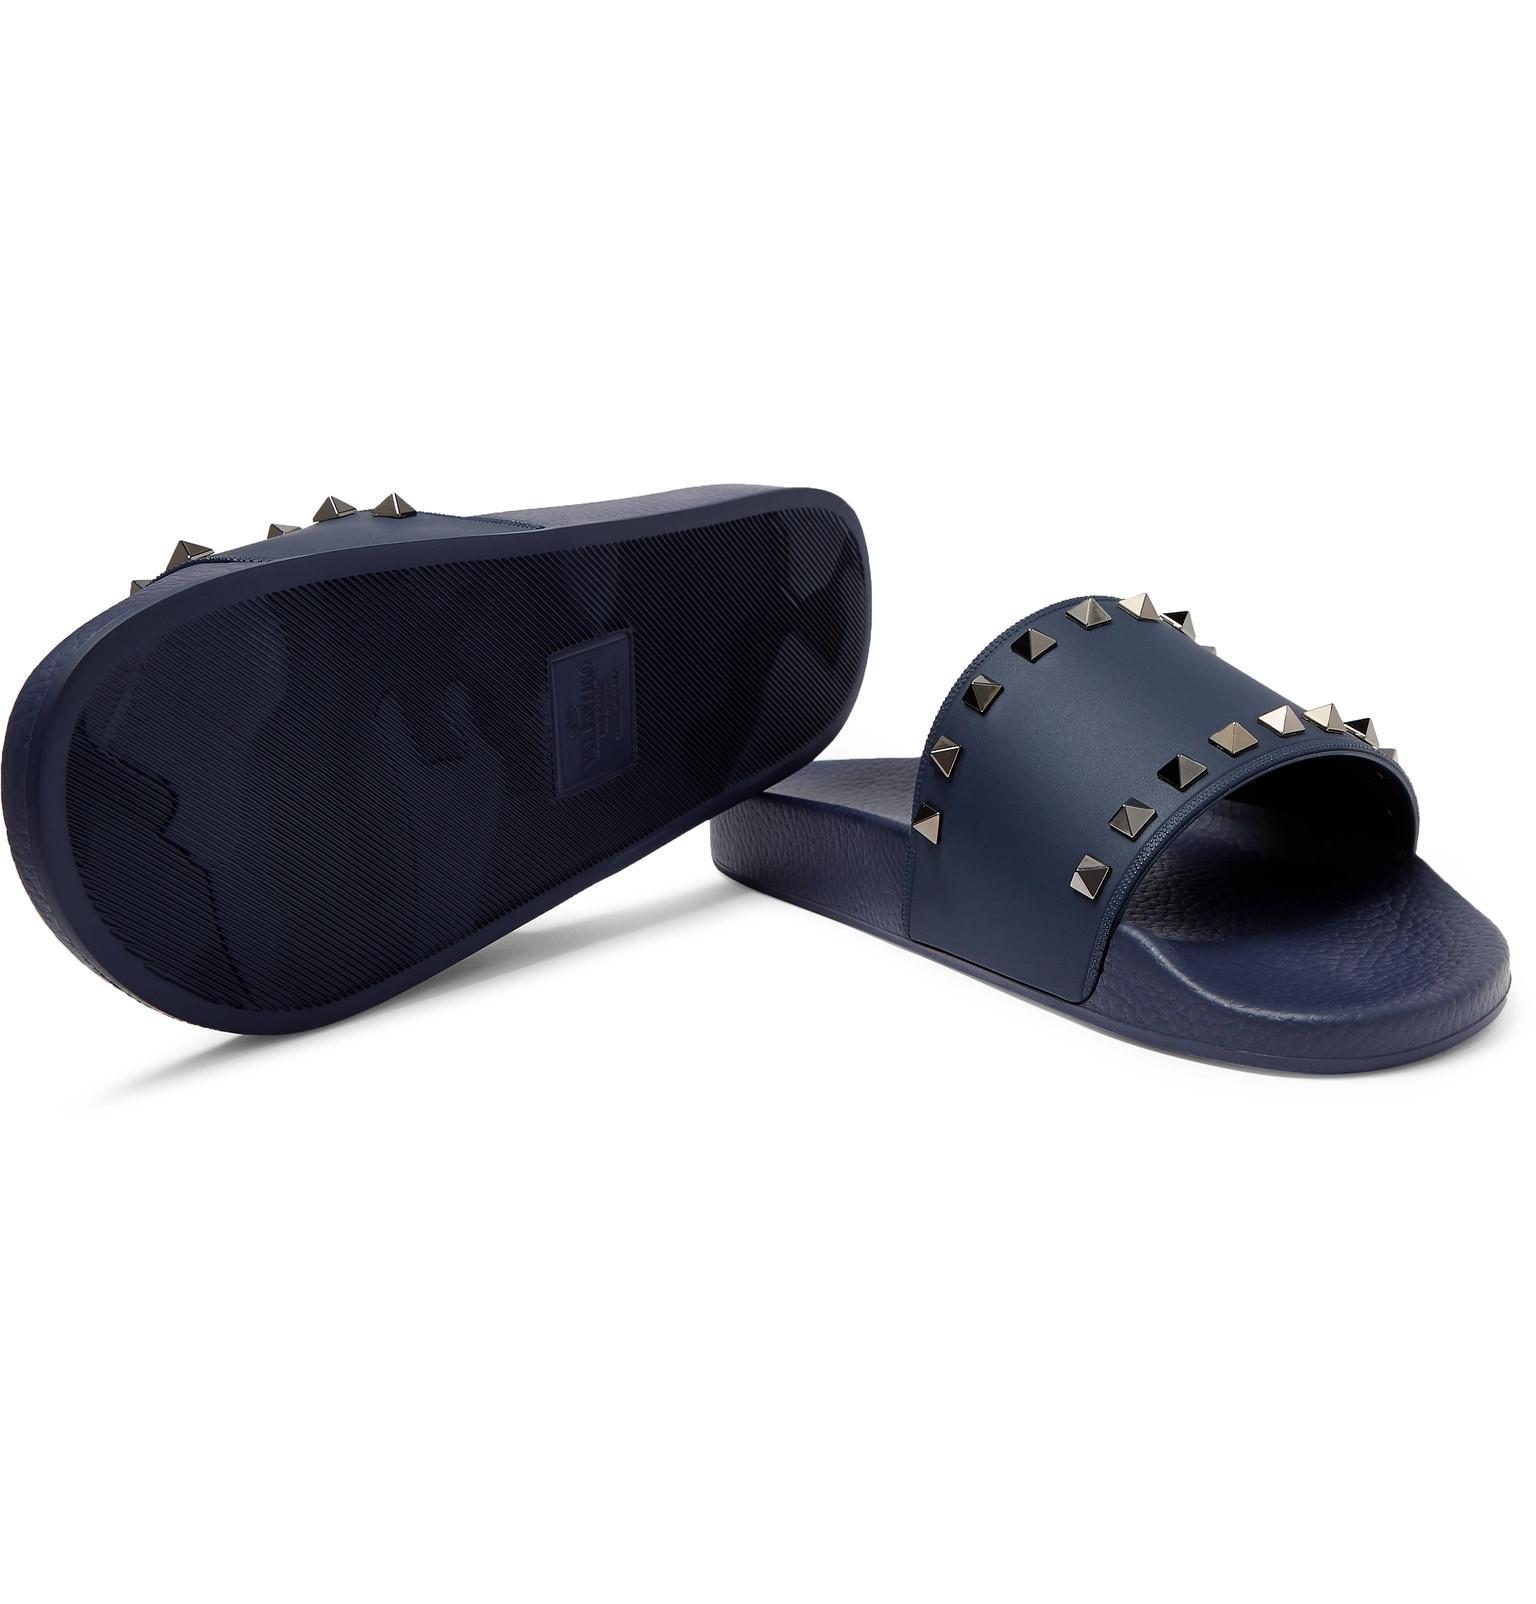 Valentino Garavani Valentino Garavani Rockstud Rubber Slides In Dark Blue Blue For Men Save 51 Lyst